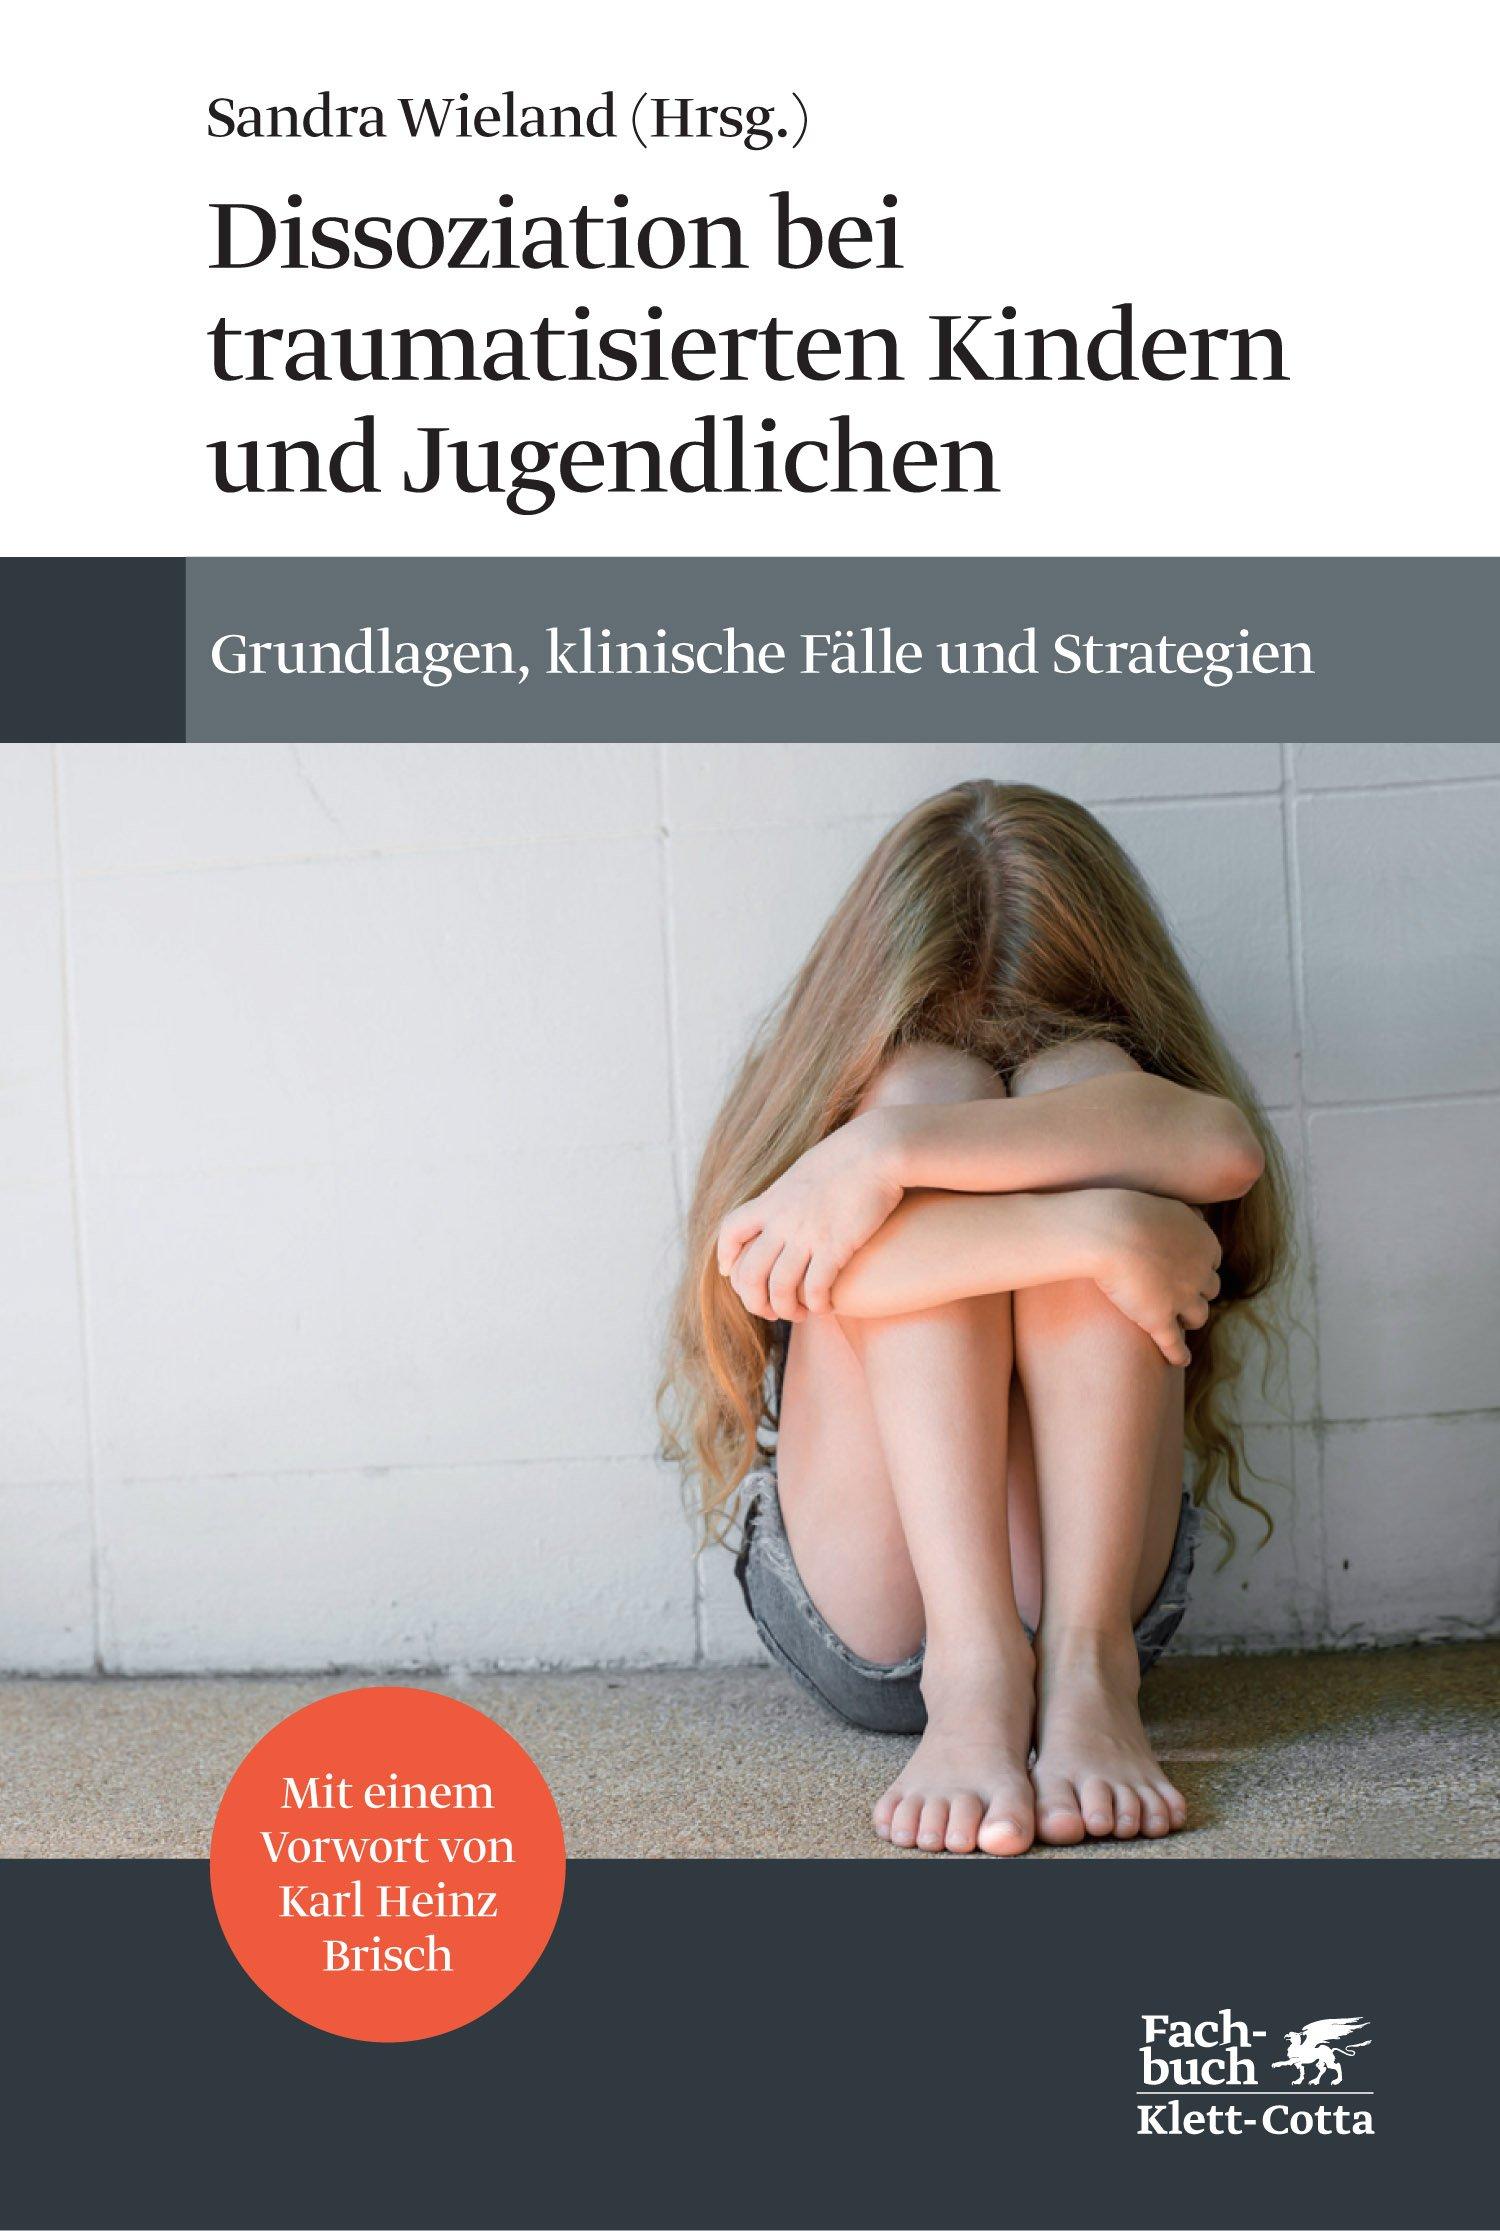 dissoziation trauma kinder und jugendliche